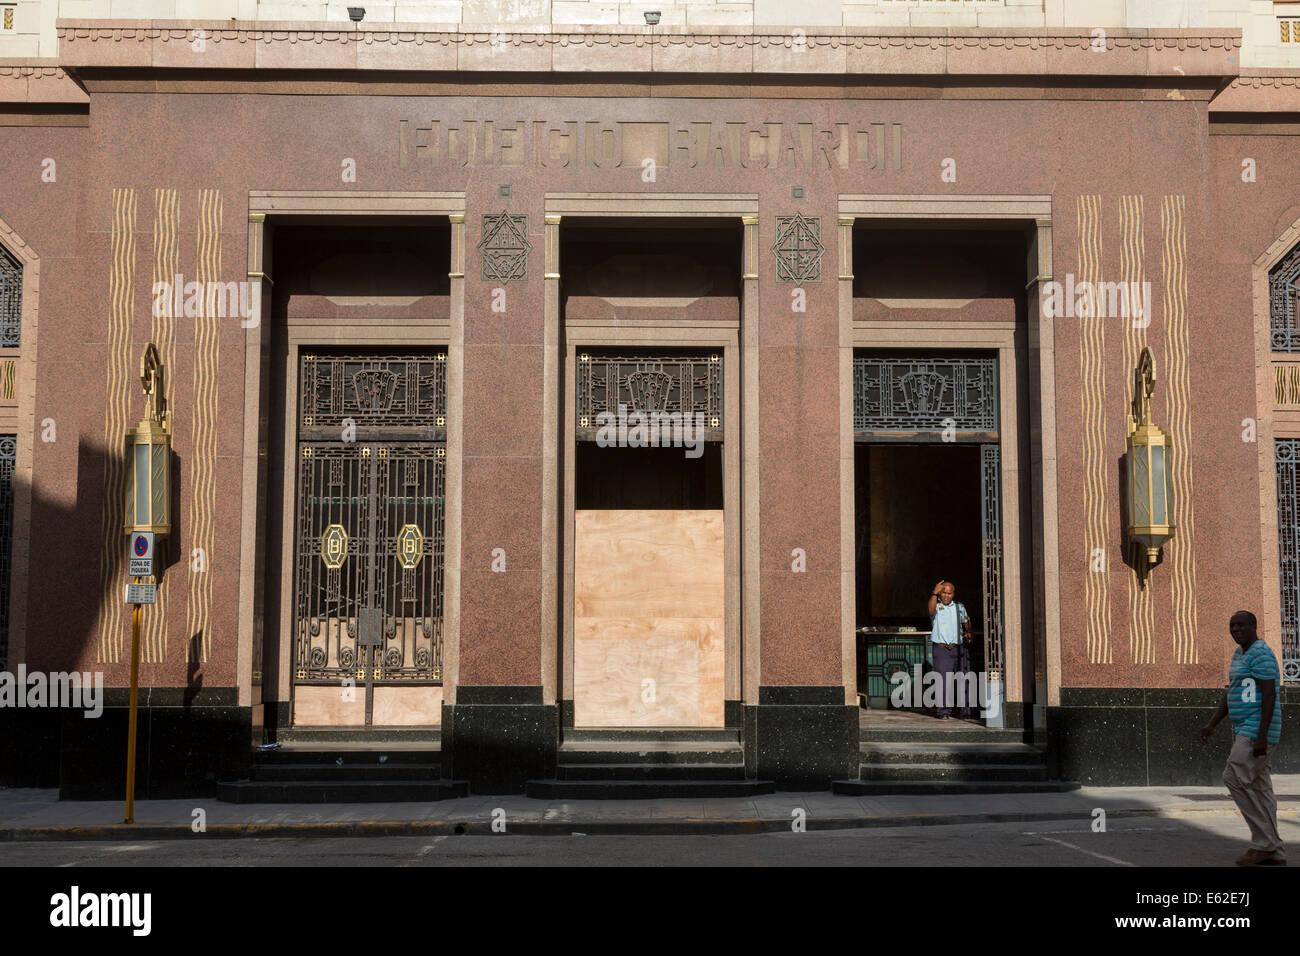 entrance, Bacardi building, art deco masterpiece, Havana, Cuba - Stock Image